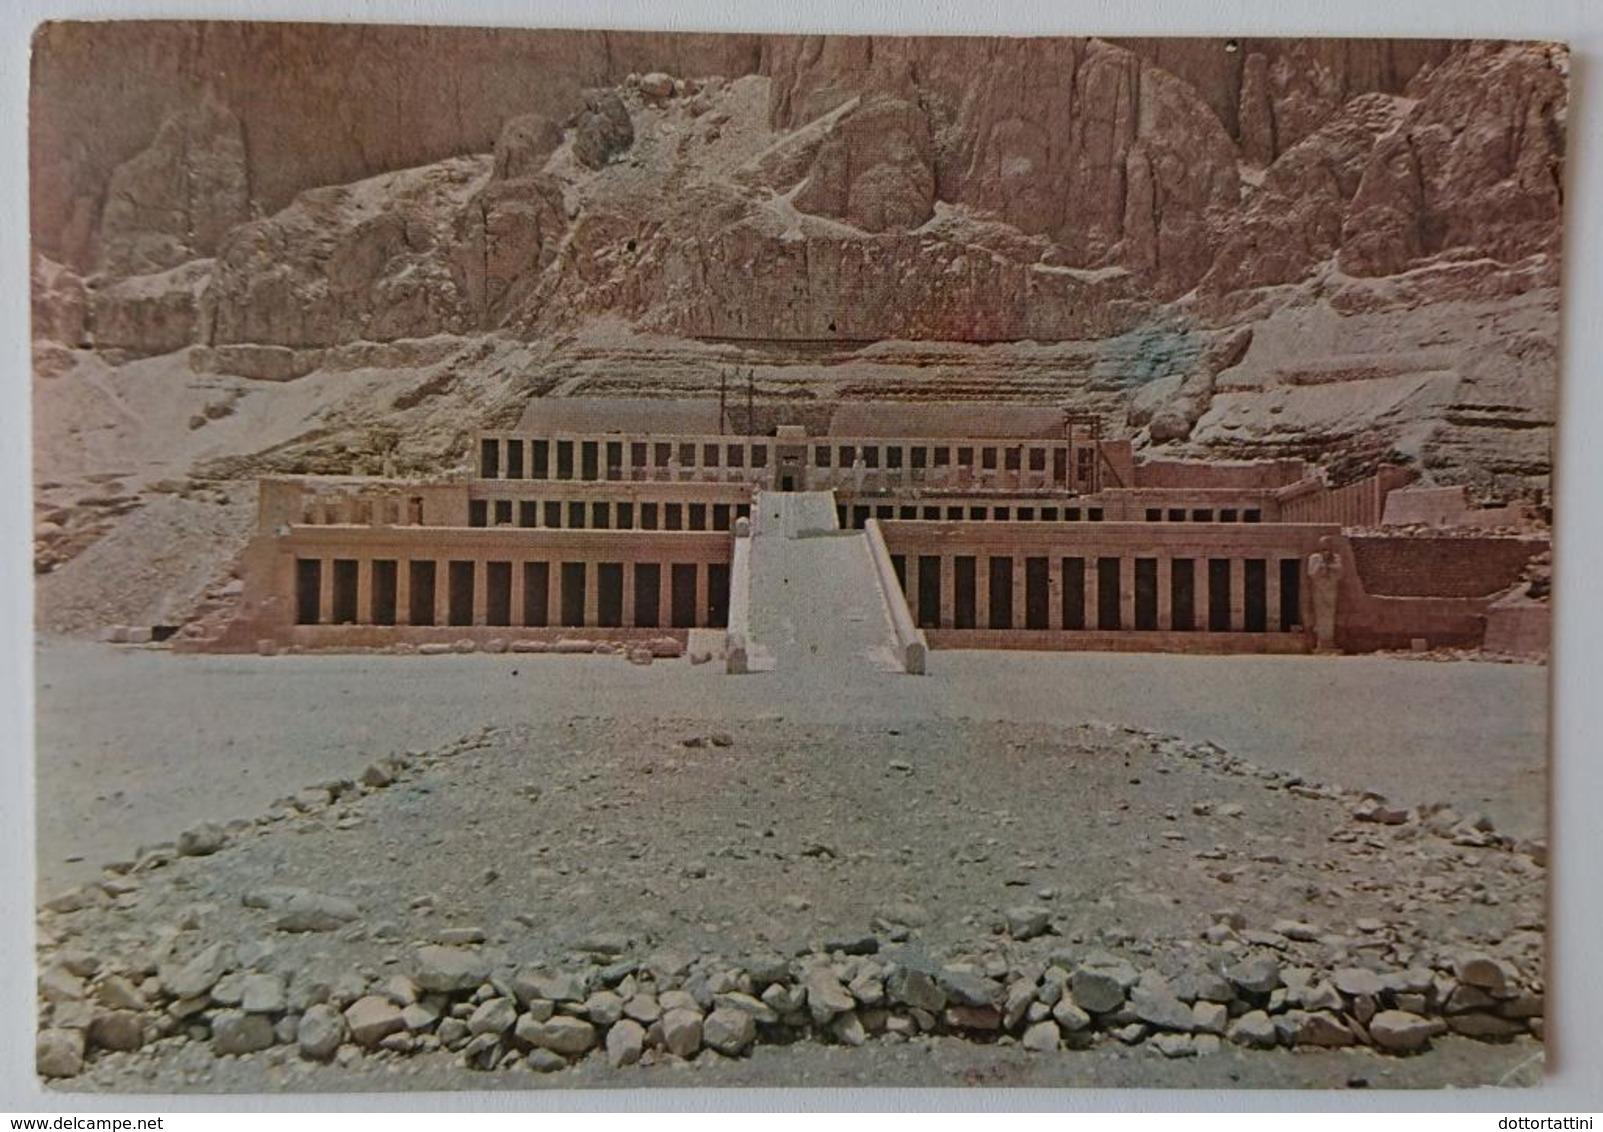 DEIR EL BAHRI, Luxor, Valley Of The Queens - Temple Of Queen Hatshepsut - Vg - Luxor